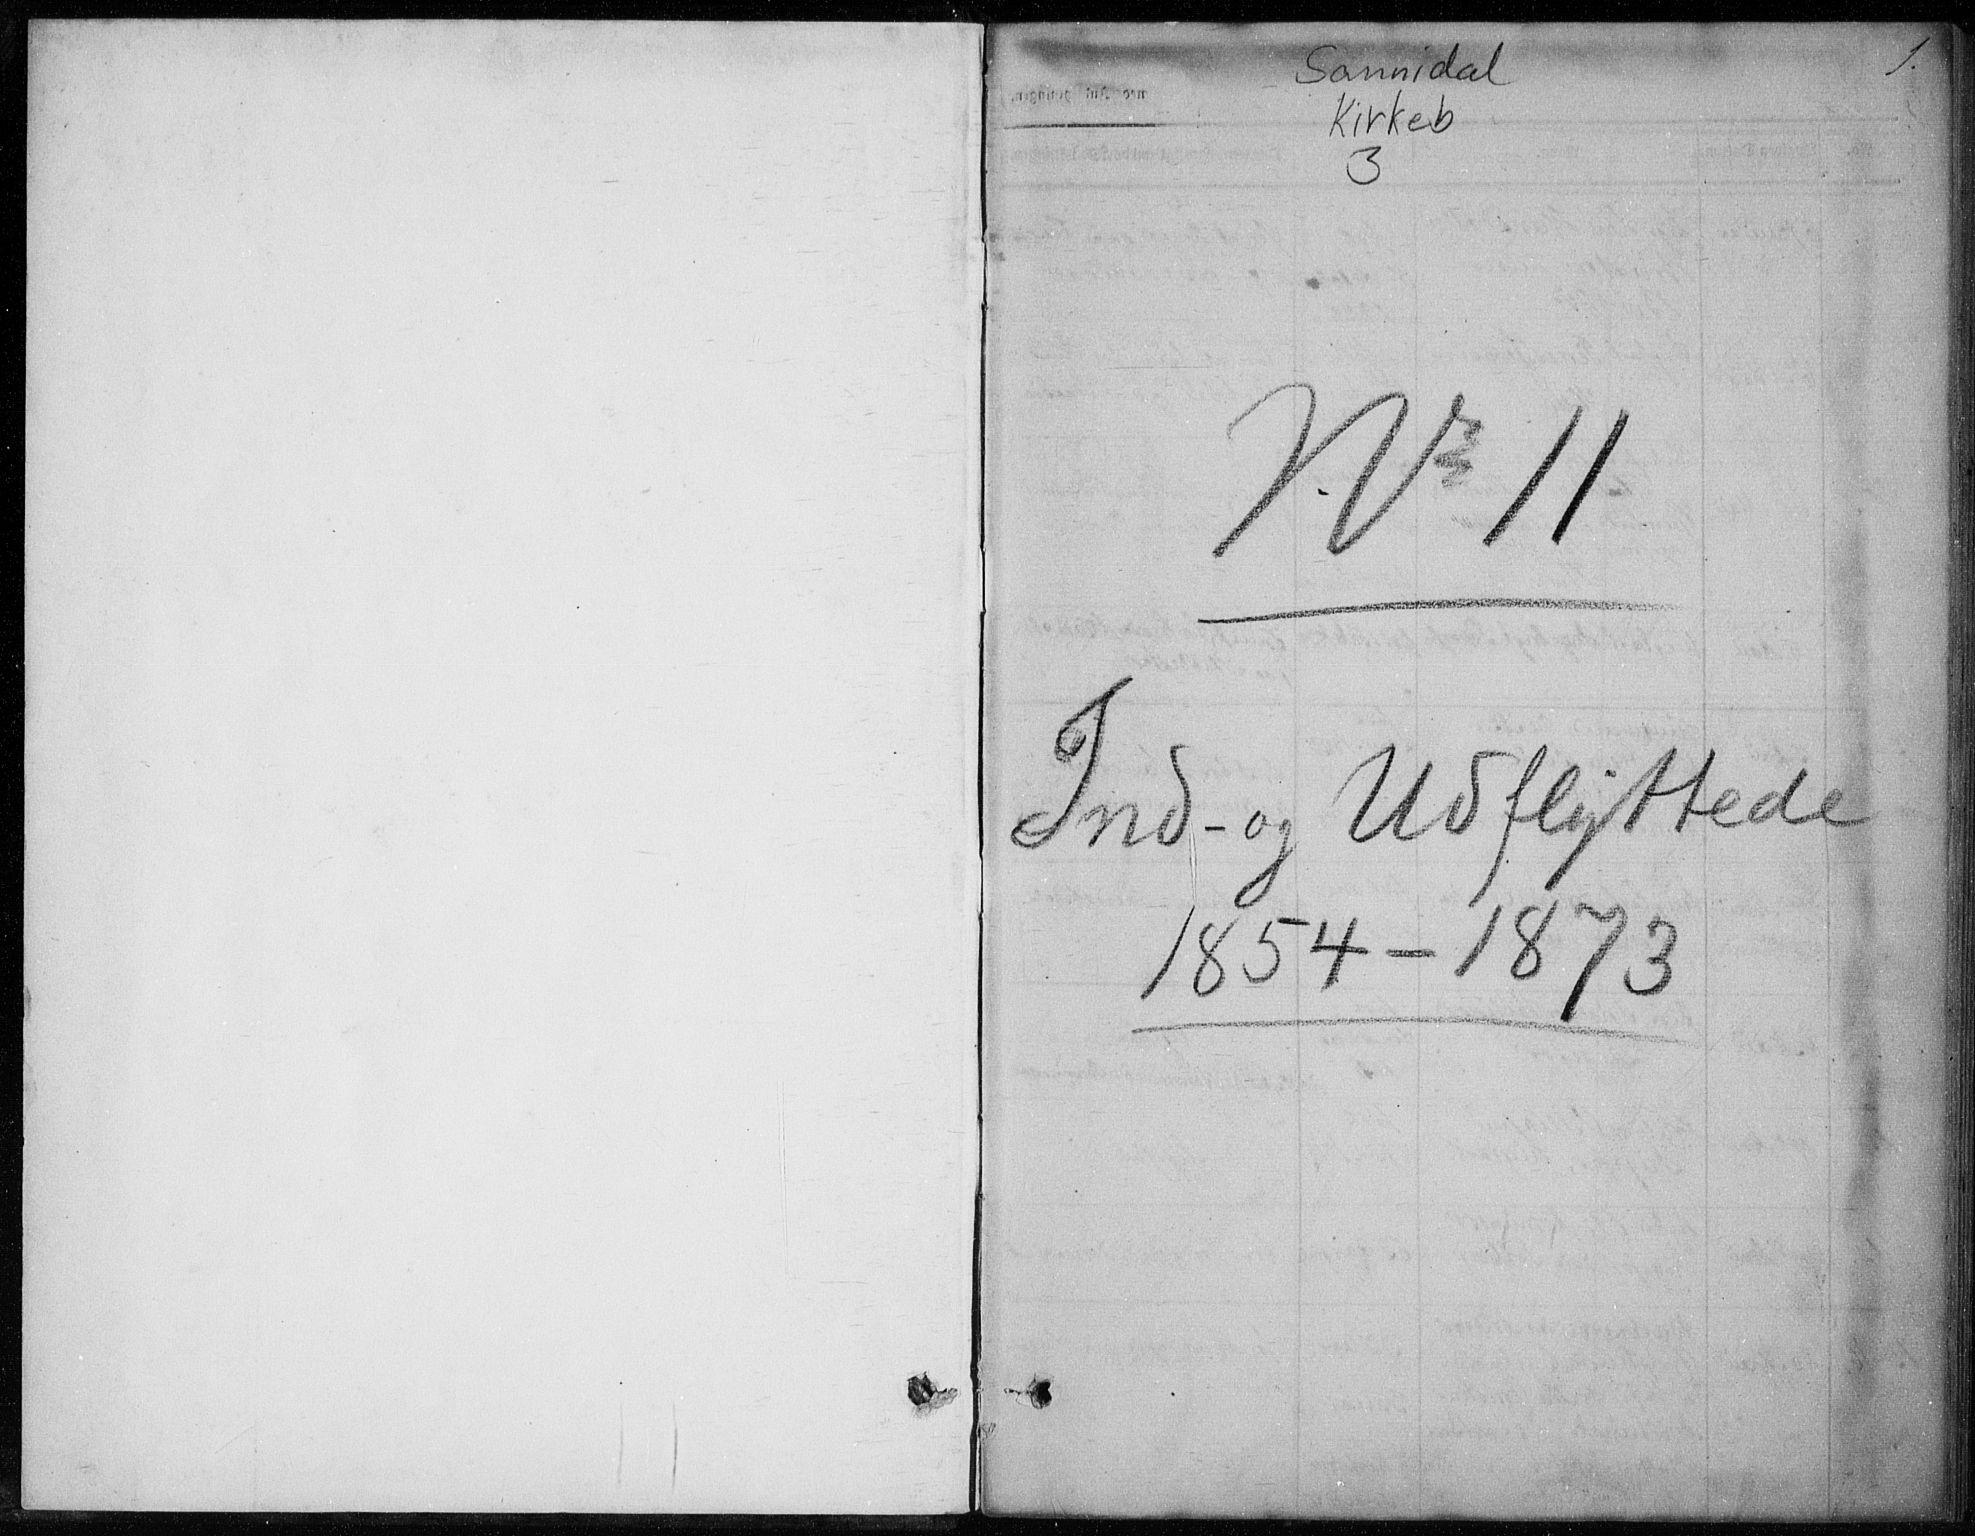 SAKO, Sannidal kirkebøker, F/Fa/L0013: Ministerialbok nr. 13, 1854-1873, s. 1